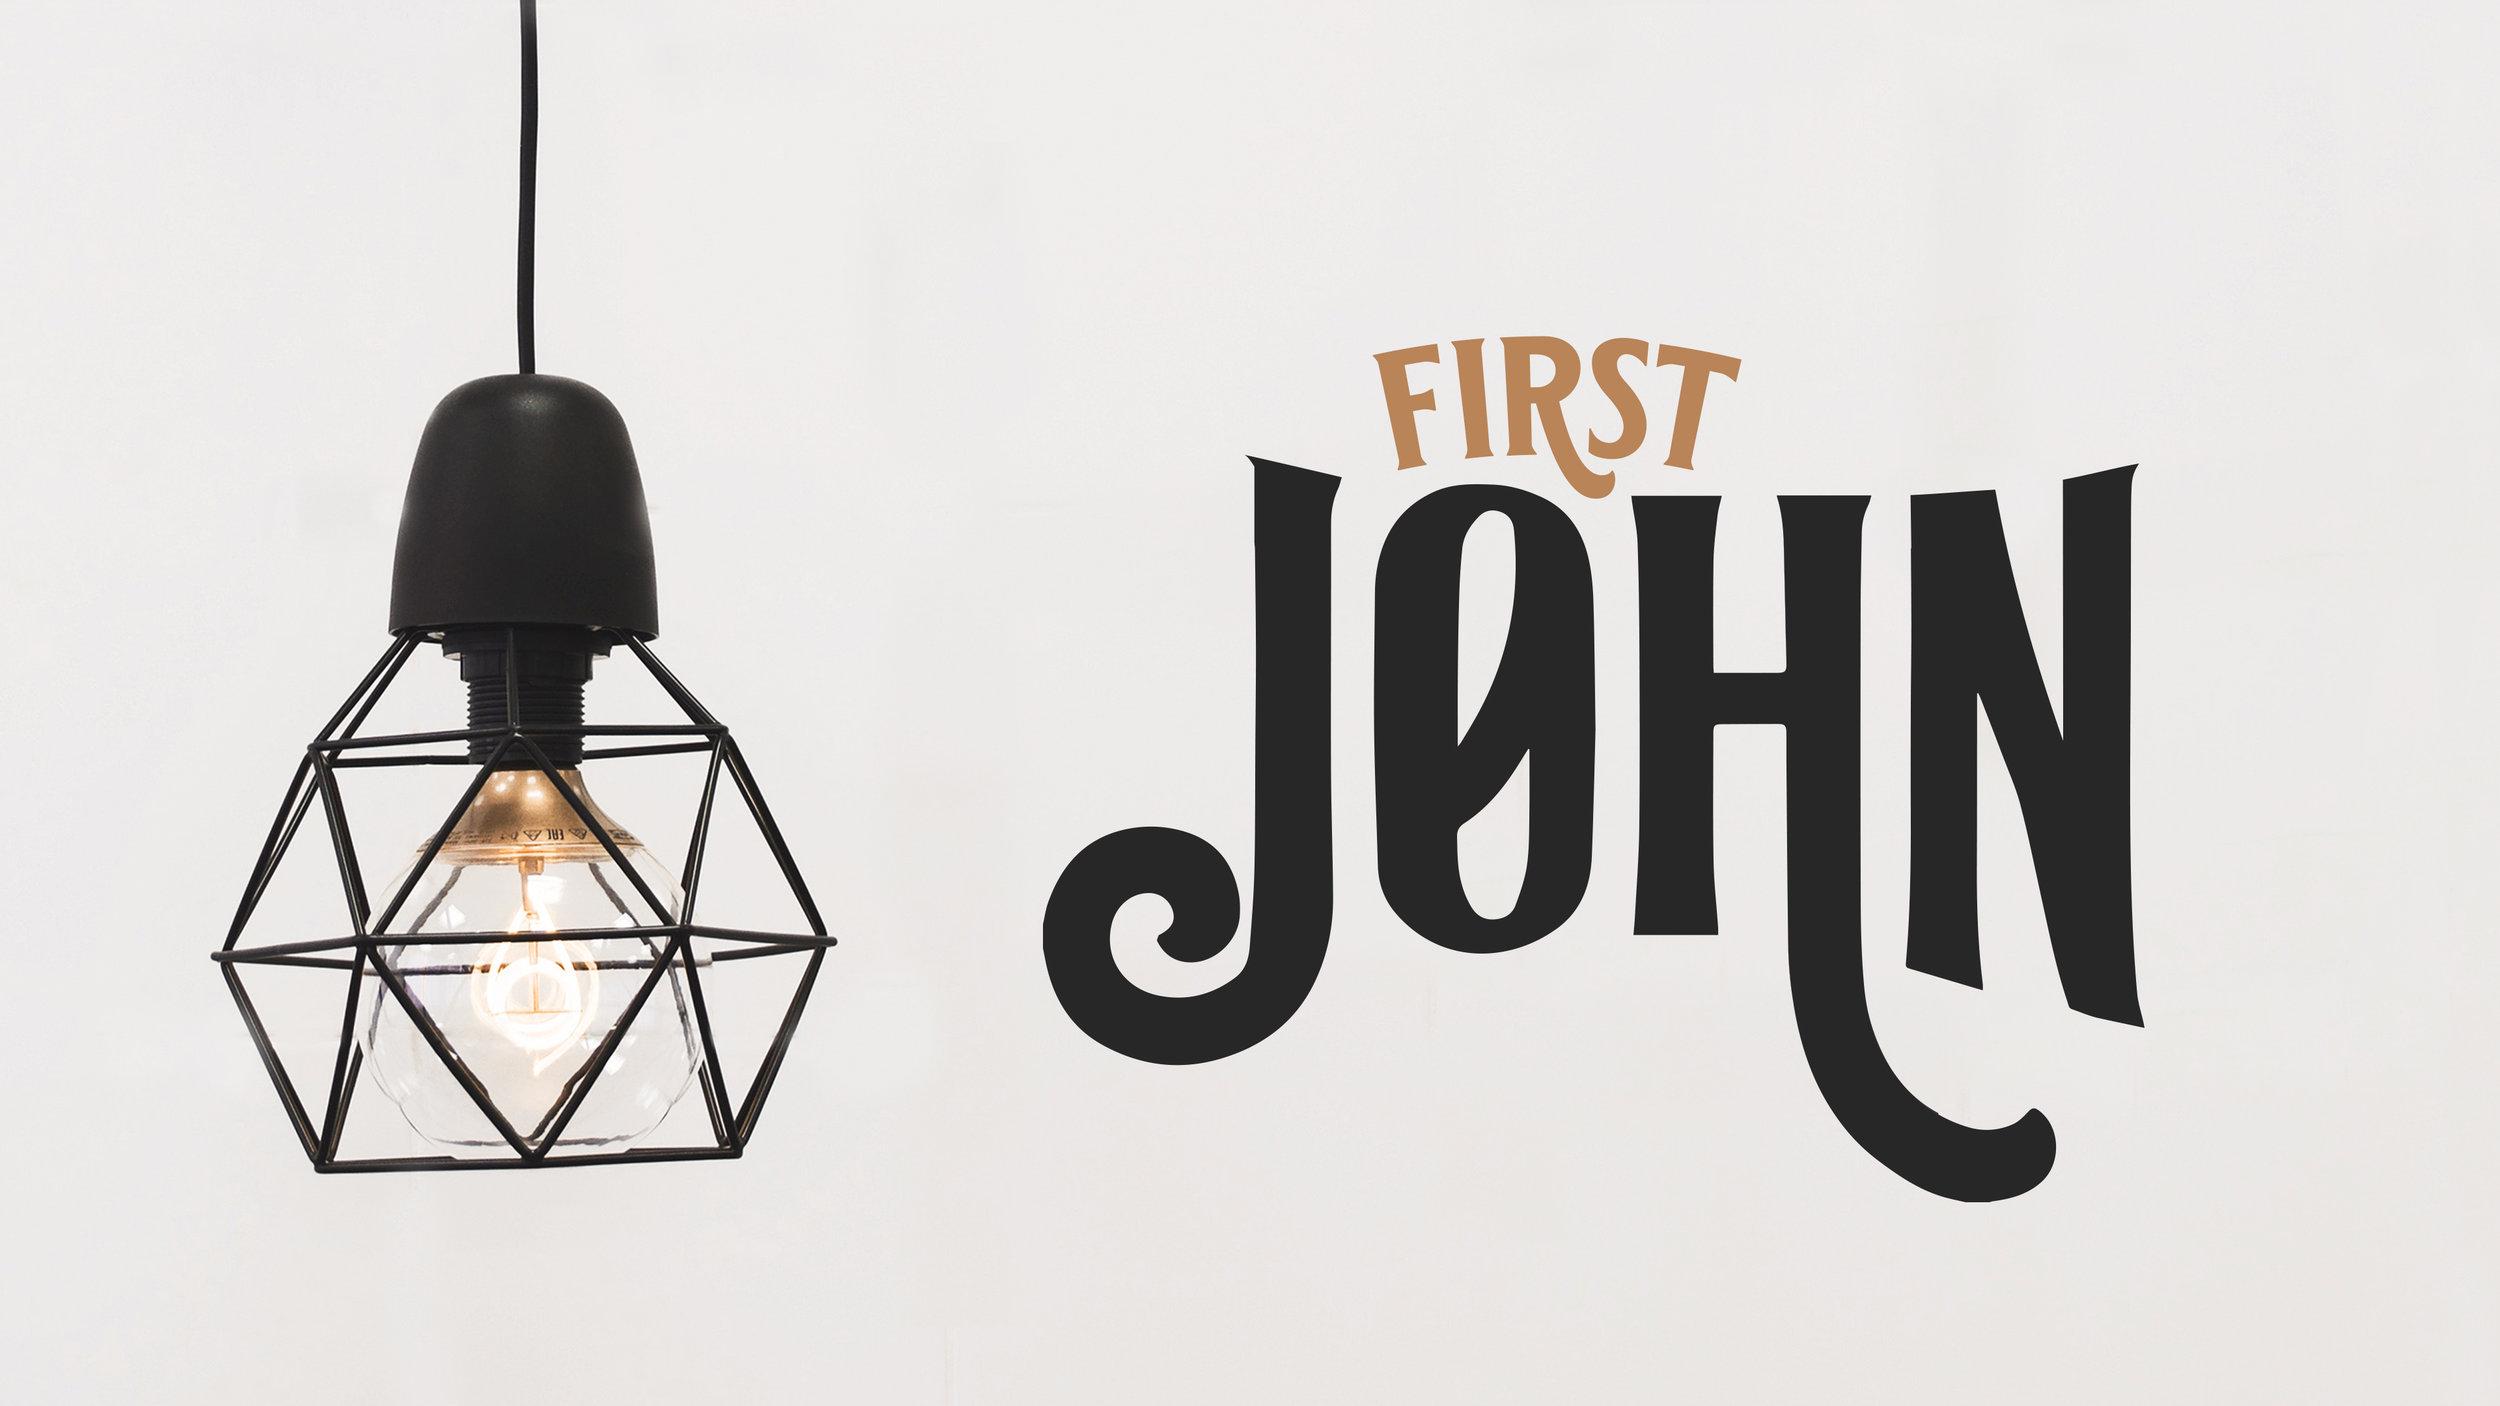 First John Final.jpg